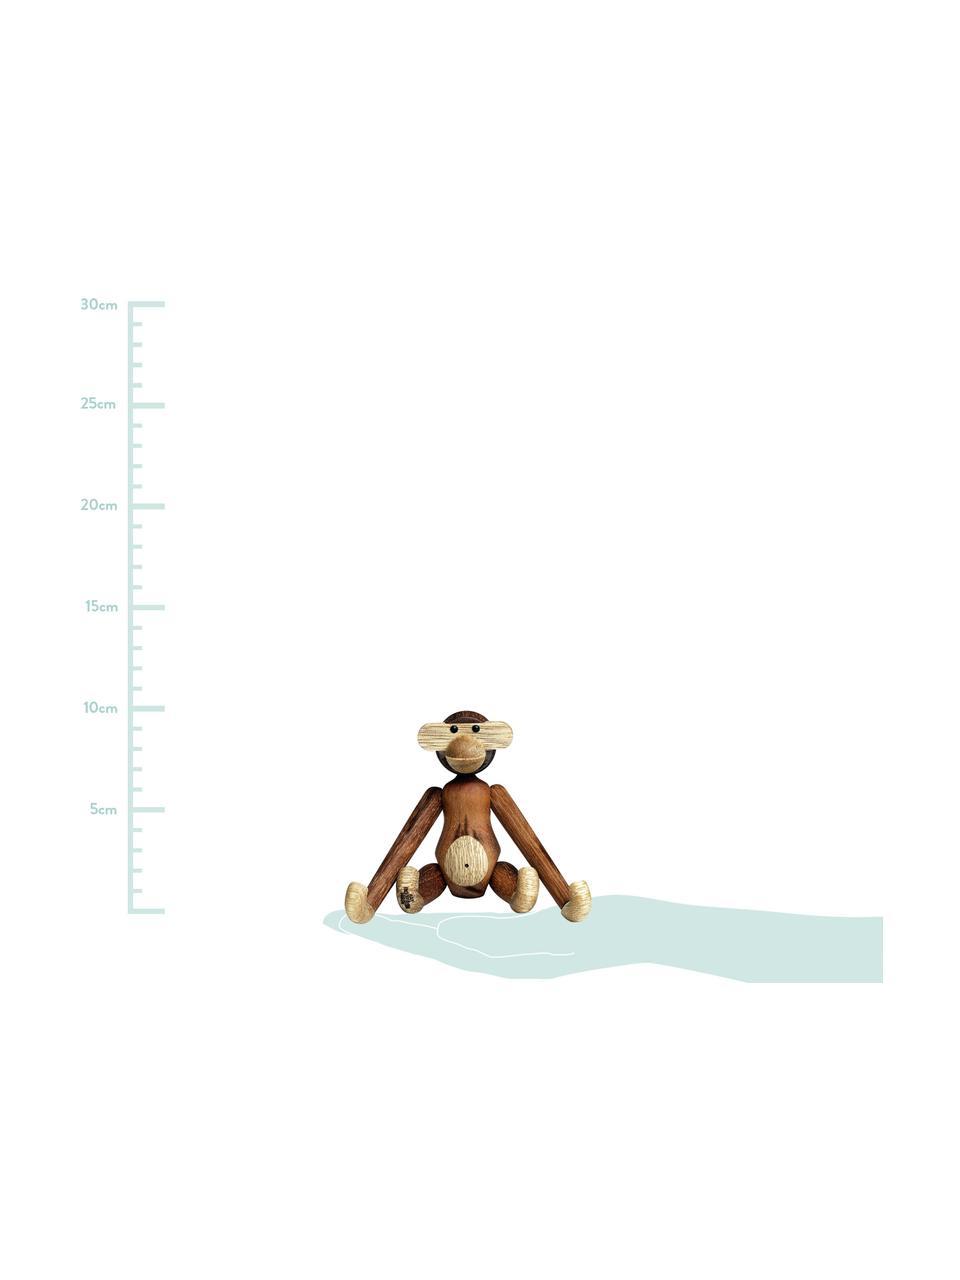 Oggetto decorativo in legno di teak Monkey, Legno di teak, legno di tiglio, verniciato, Legno di teak, legno di tiglio, Larg. 20 x Alt. 19 cm